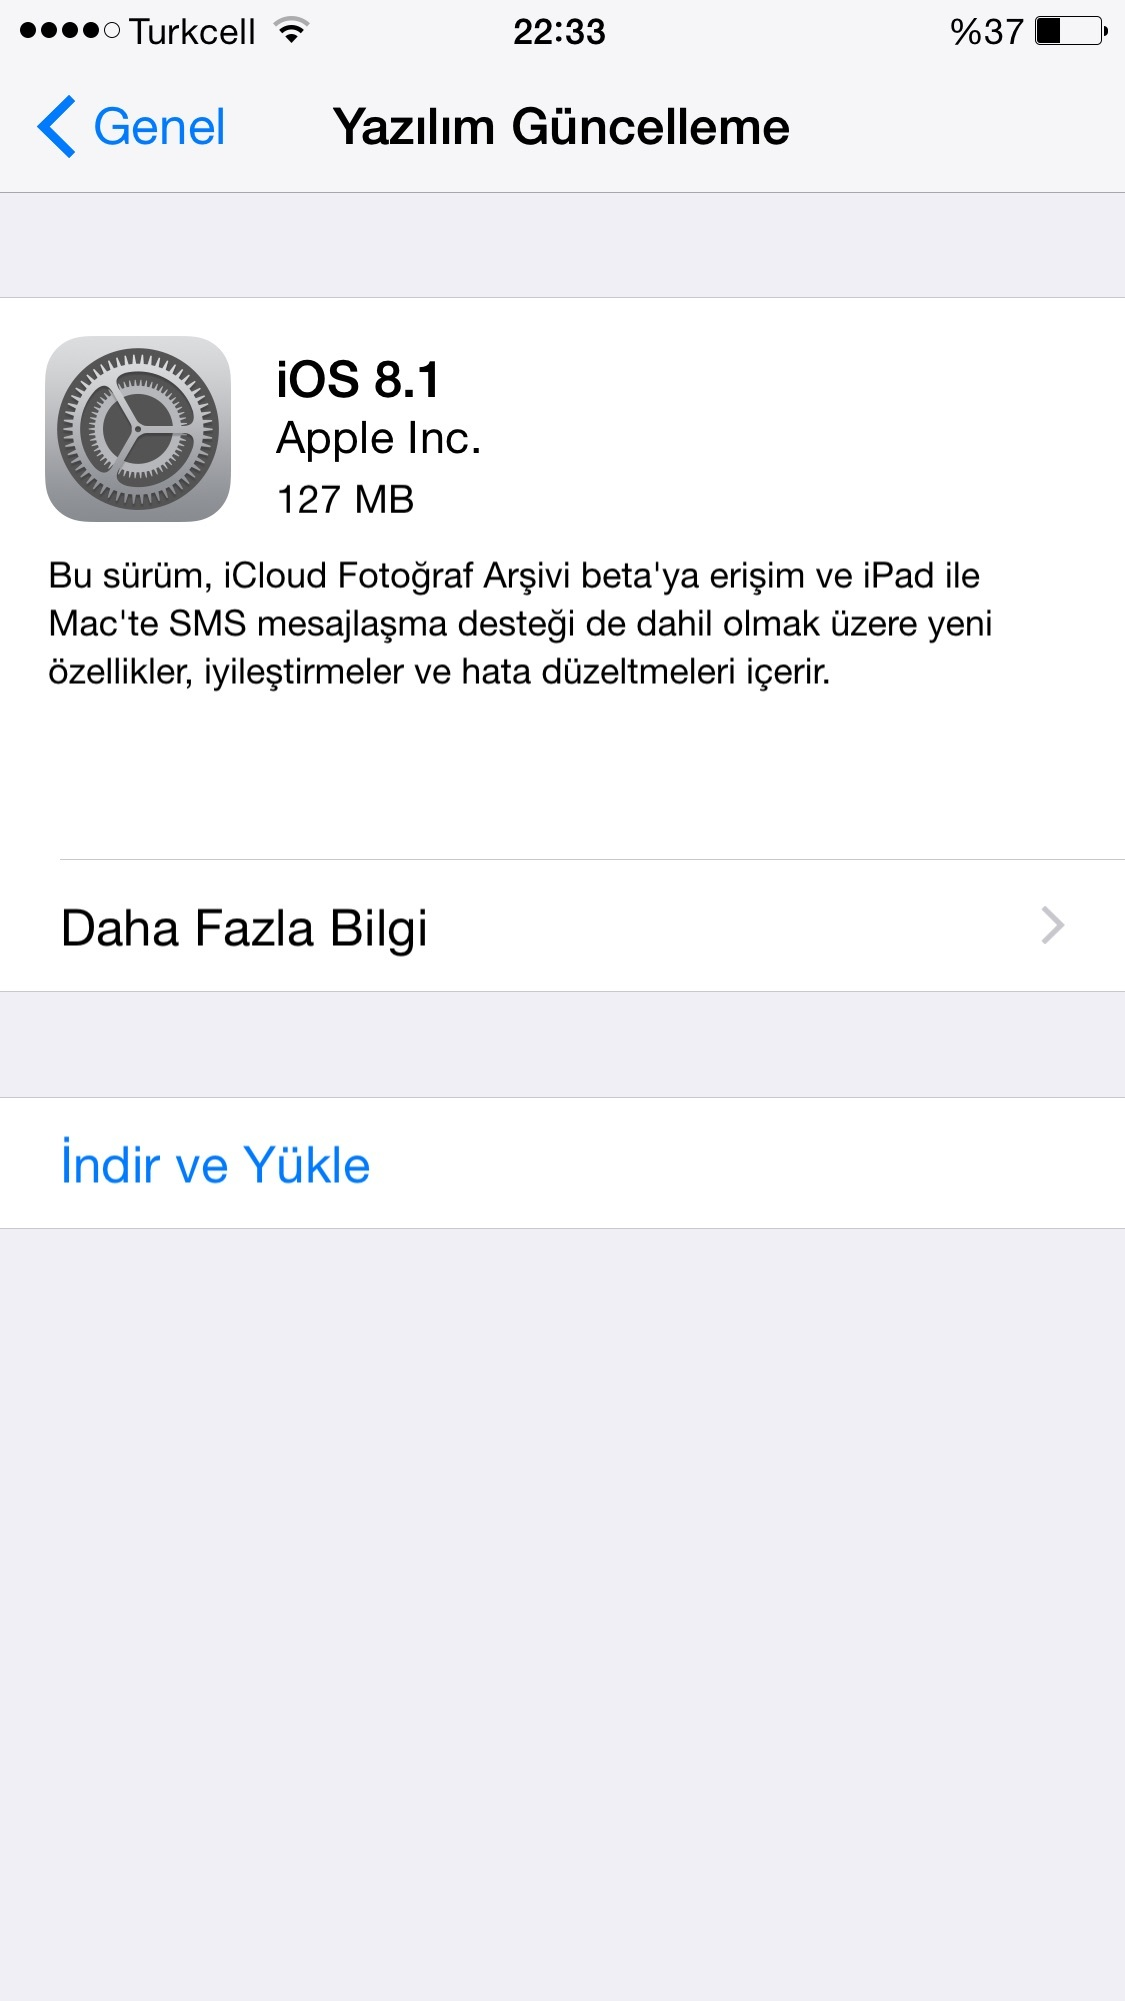 iphone 6 yazılım güncelleme yapamıyorum